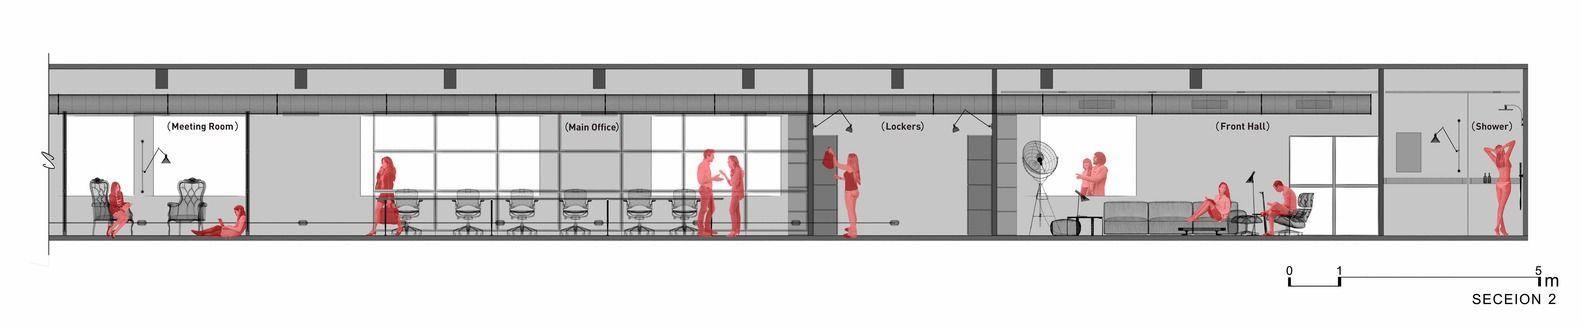 план офиса 1